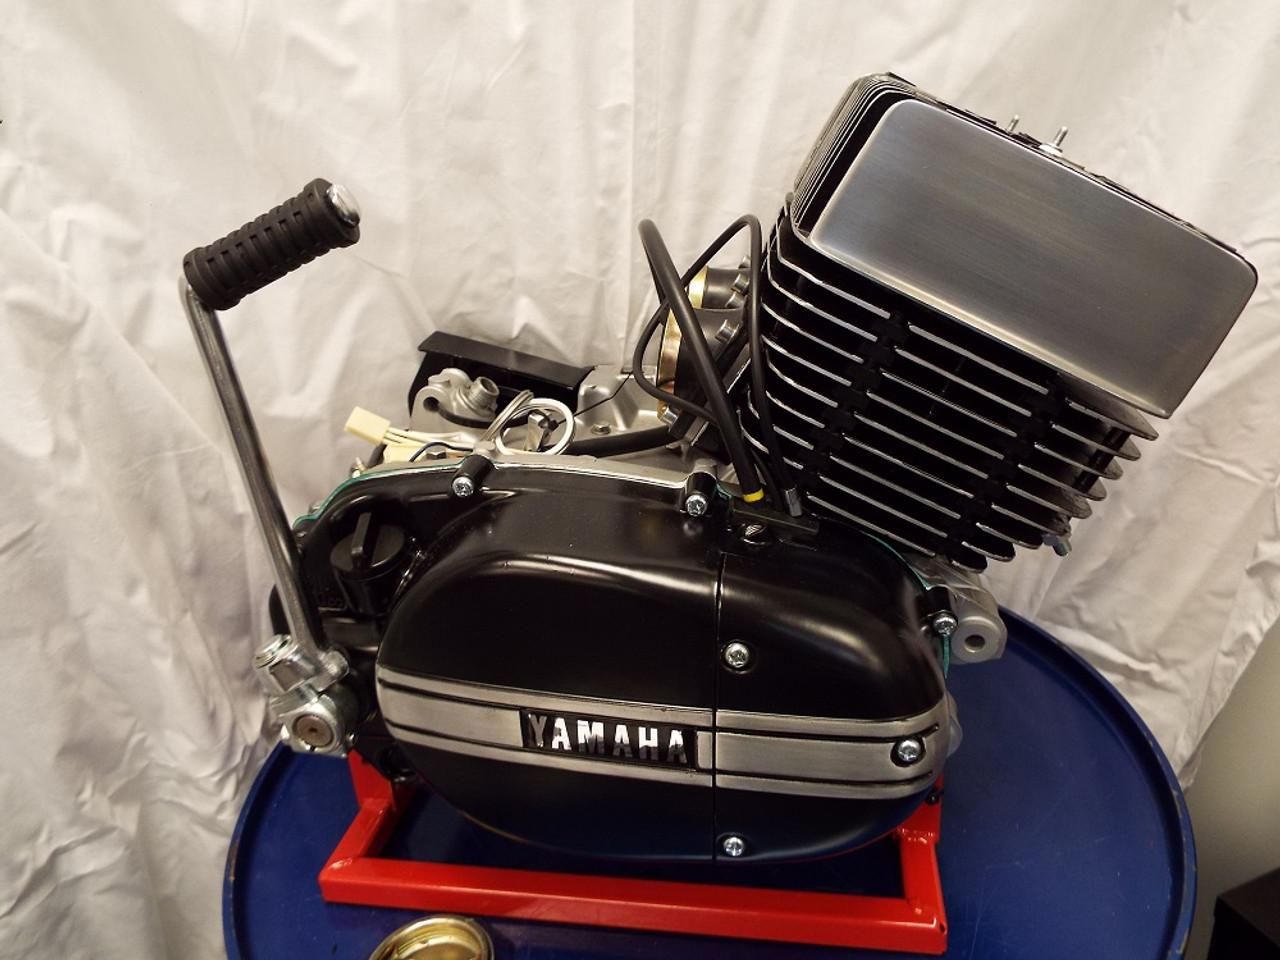 Yamaha RD350 Engine, restored.